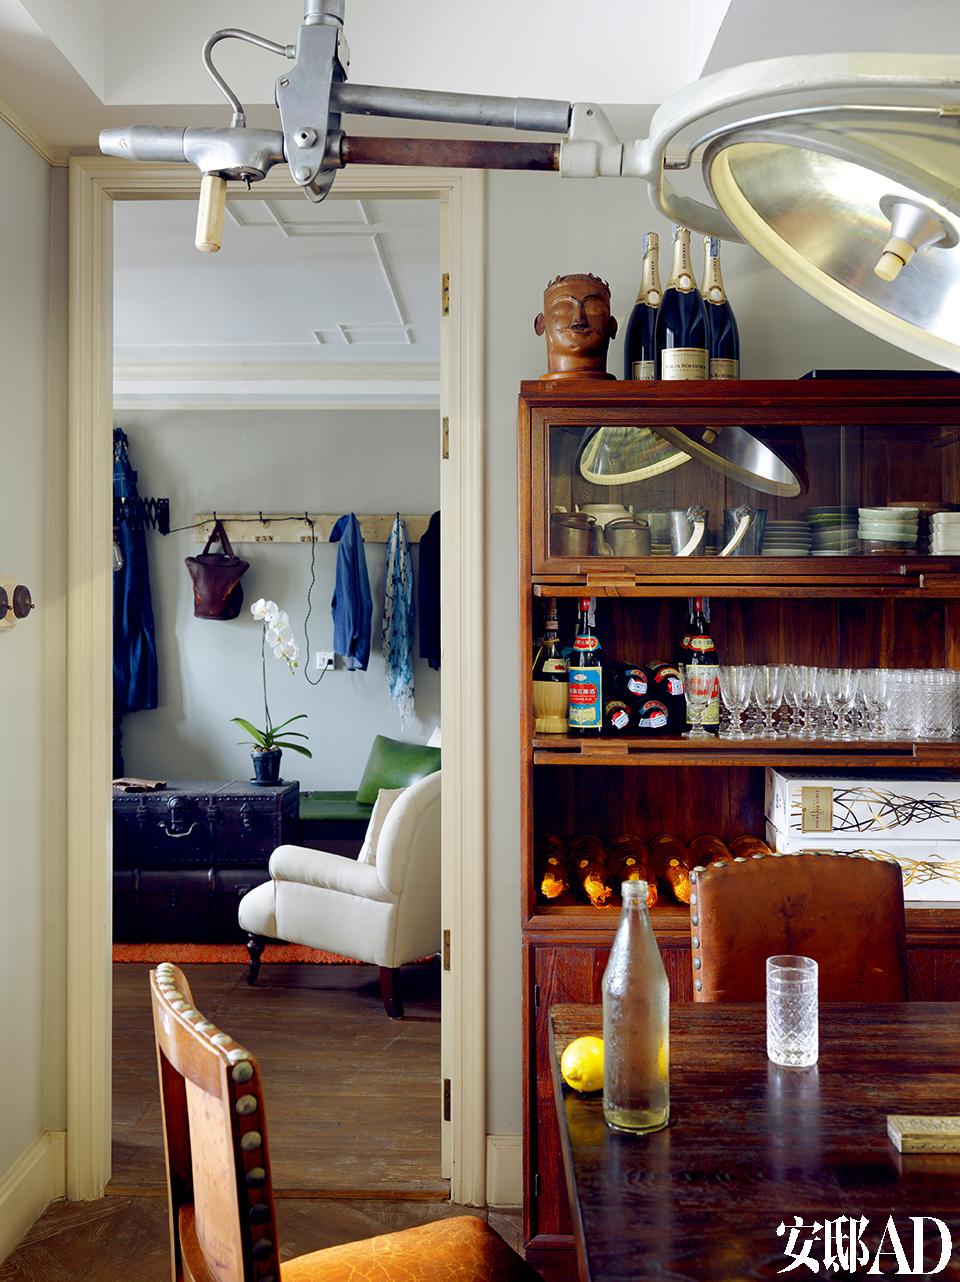 从用餐空间望去为女儿房间,老旧橱柜上整齐排列着各式餐具和酱料,道出热爱做饭的主人生活。